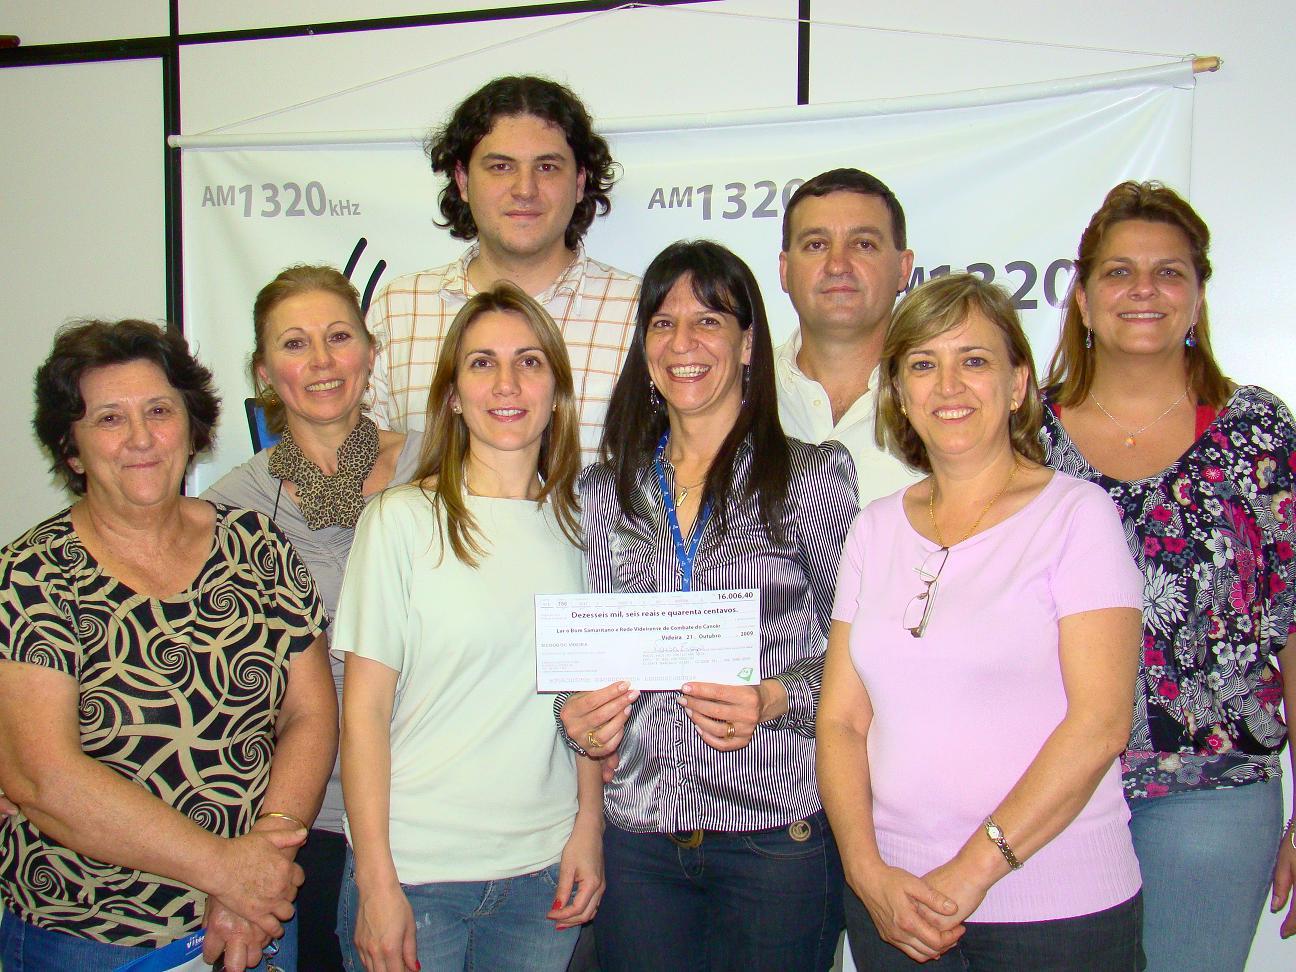 Grupo Carboni apoia 2º Bingao da Soliedariedade para beneficiar Rede de Combate ao Câncer e Lar Bom Samaritano Repasse%20recursos%20Bing%C3%A3o%20da%20solidariedade